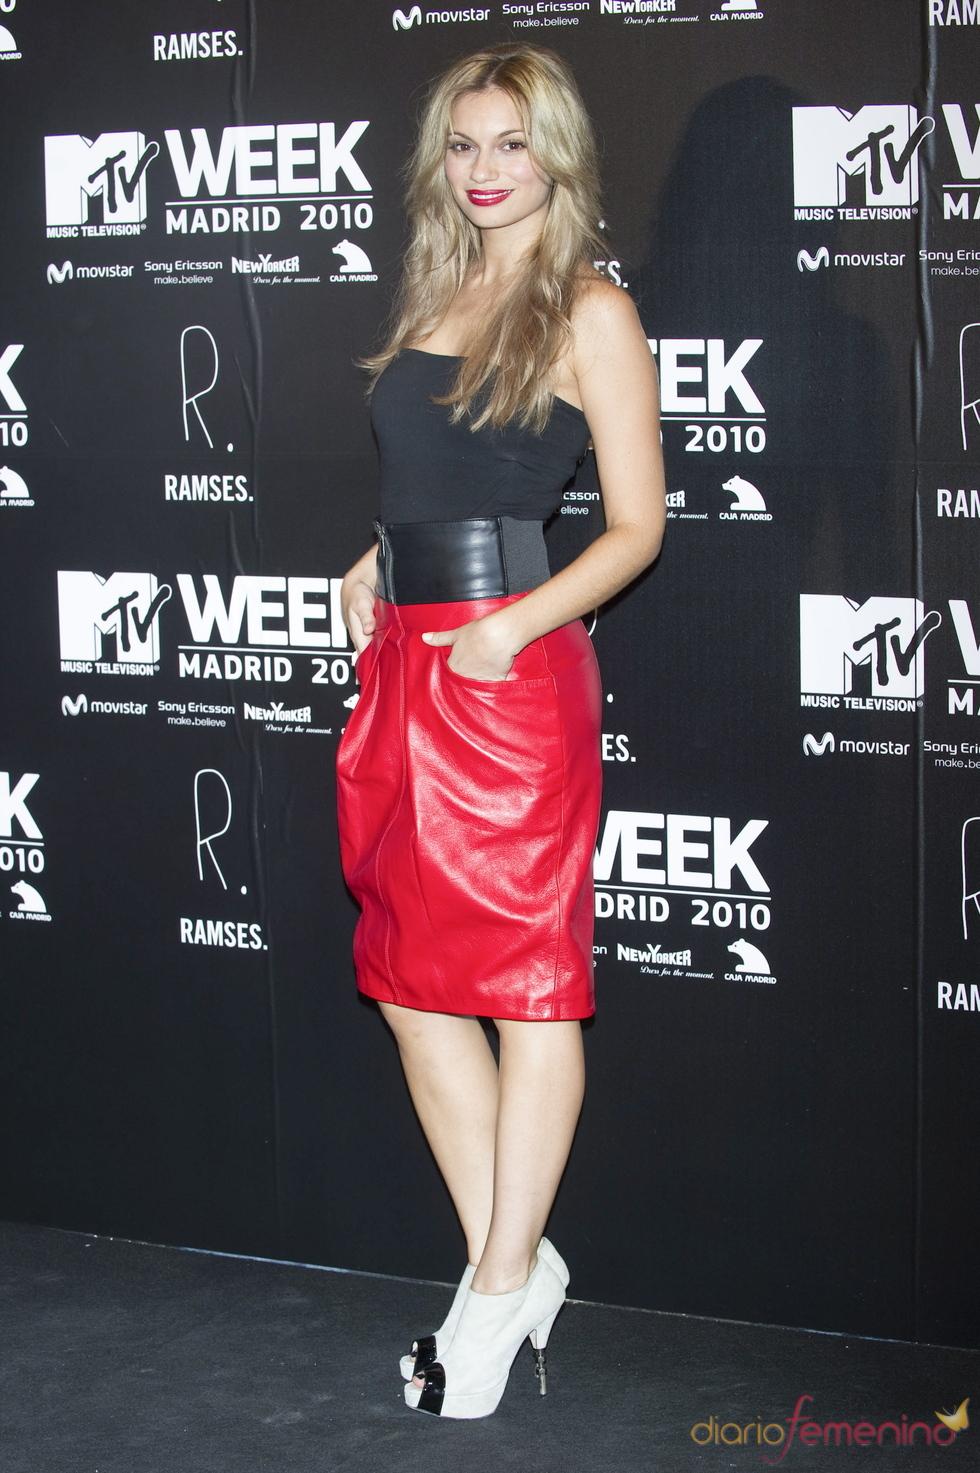 Norma Ruiz en la fiesta de la MTV 2010